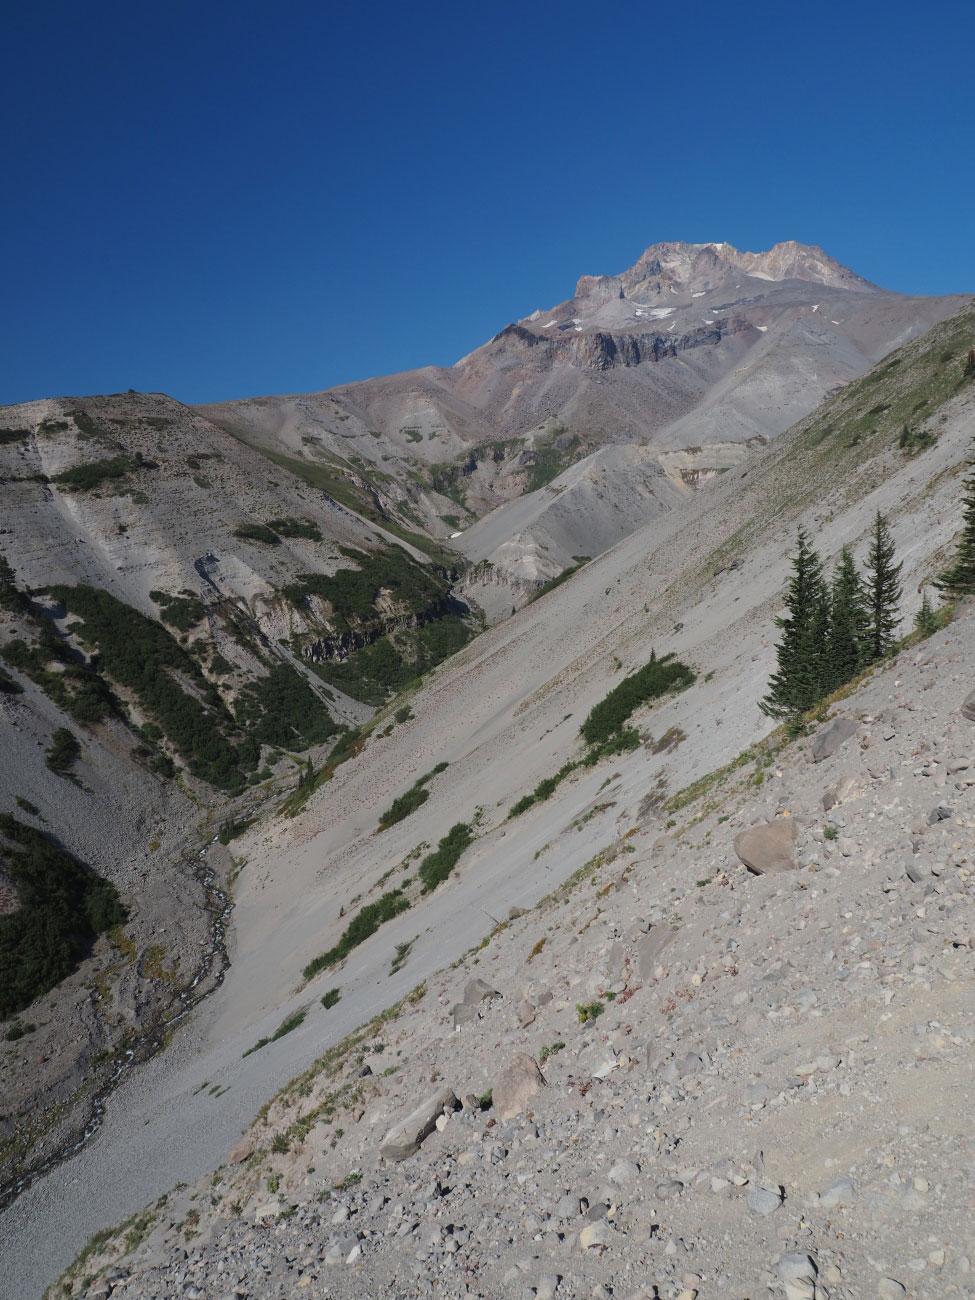 Mt. Hood at Zigzag Canyon